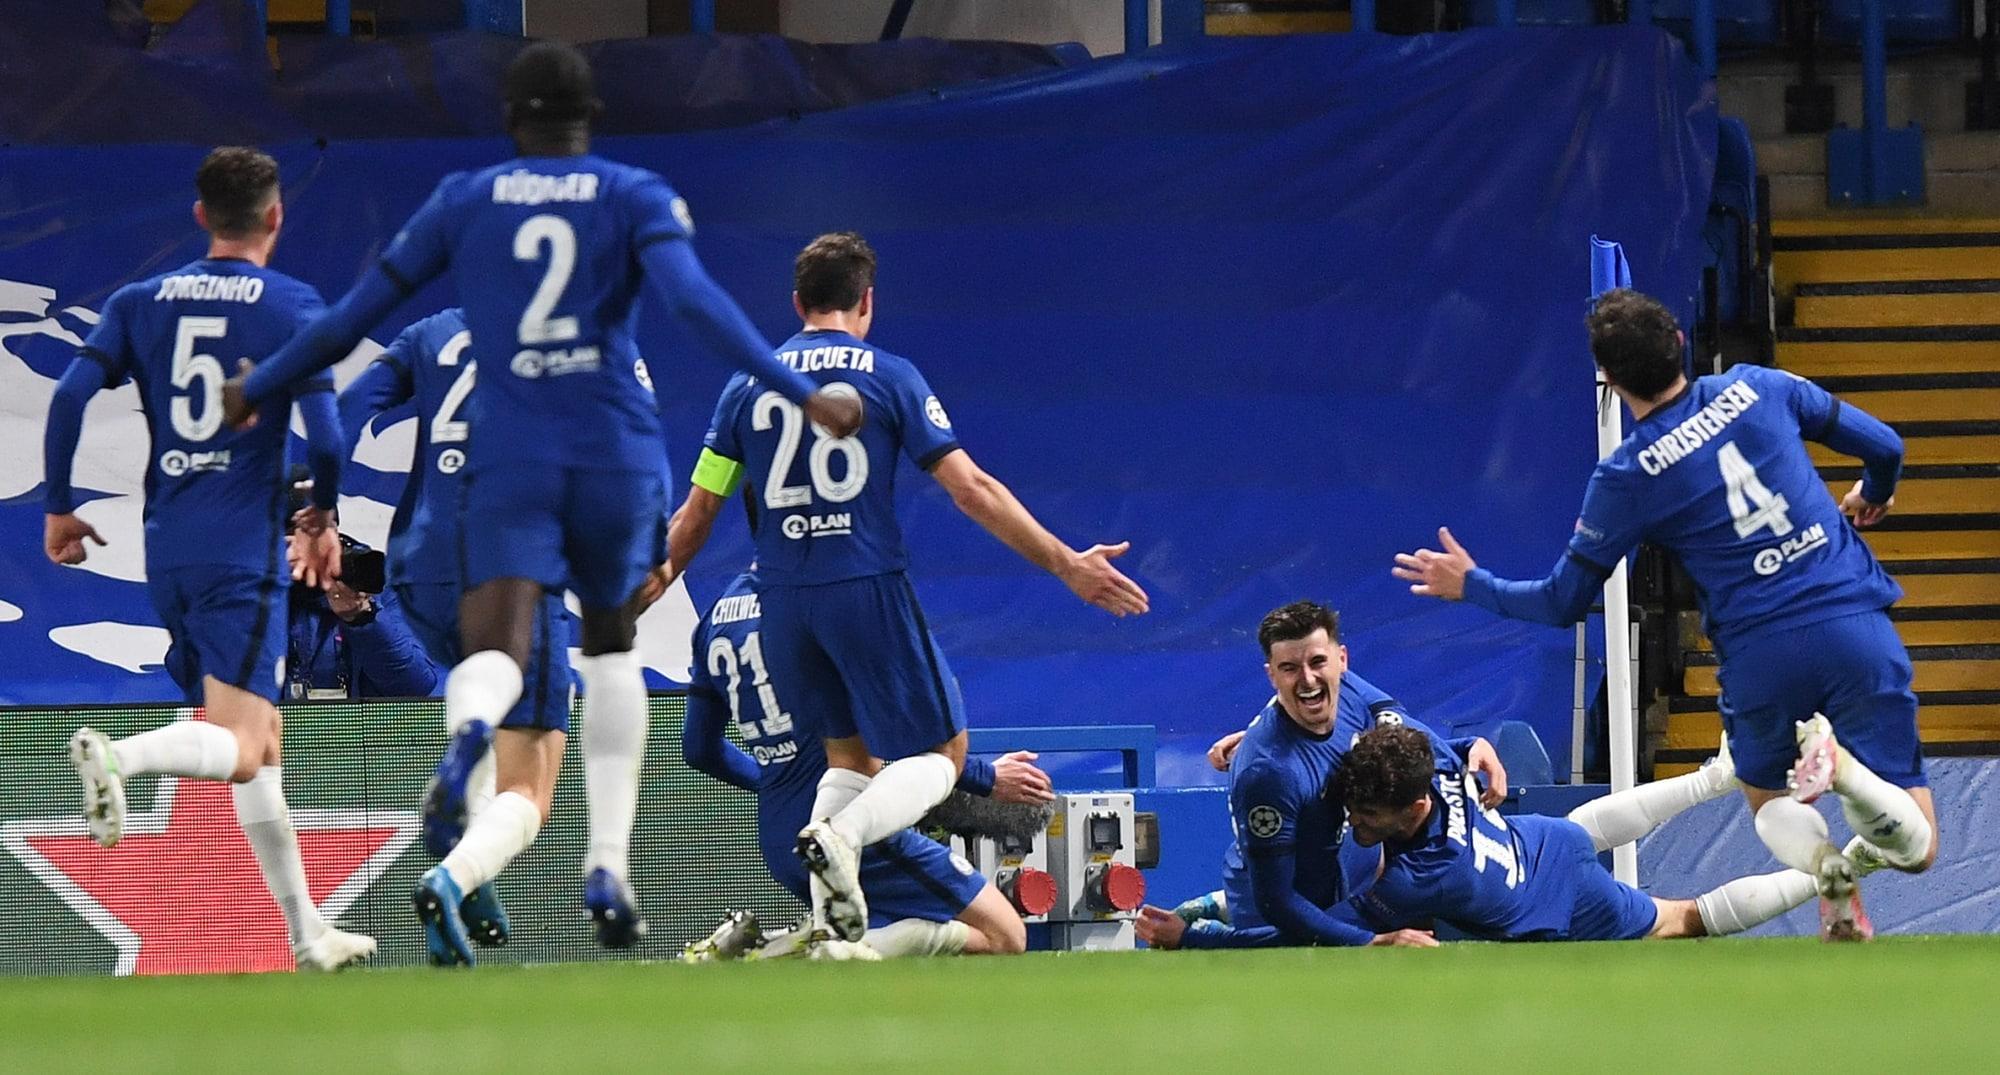 Werner-Mount gol, Real ko! Chelsea in finale, Zidane eliminato